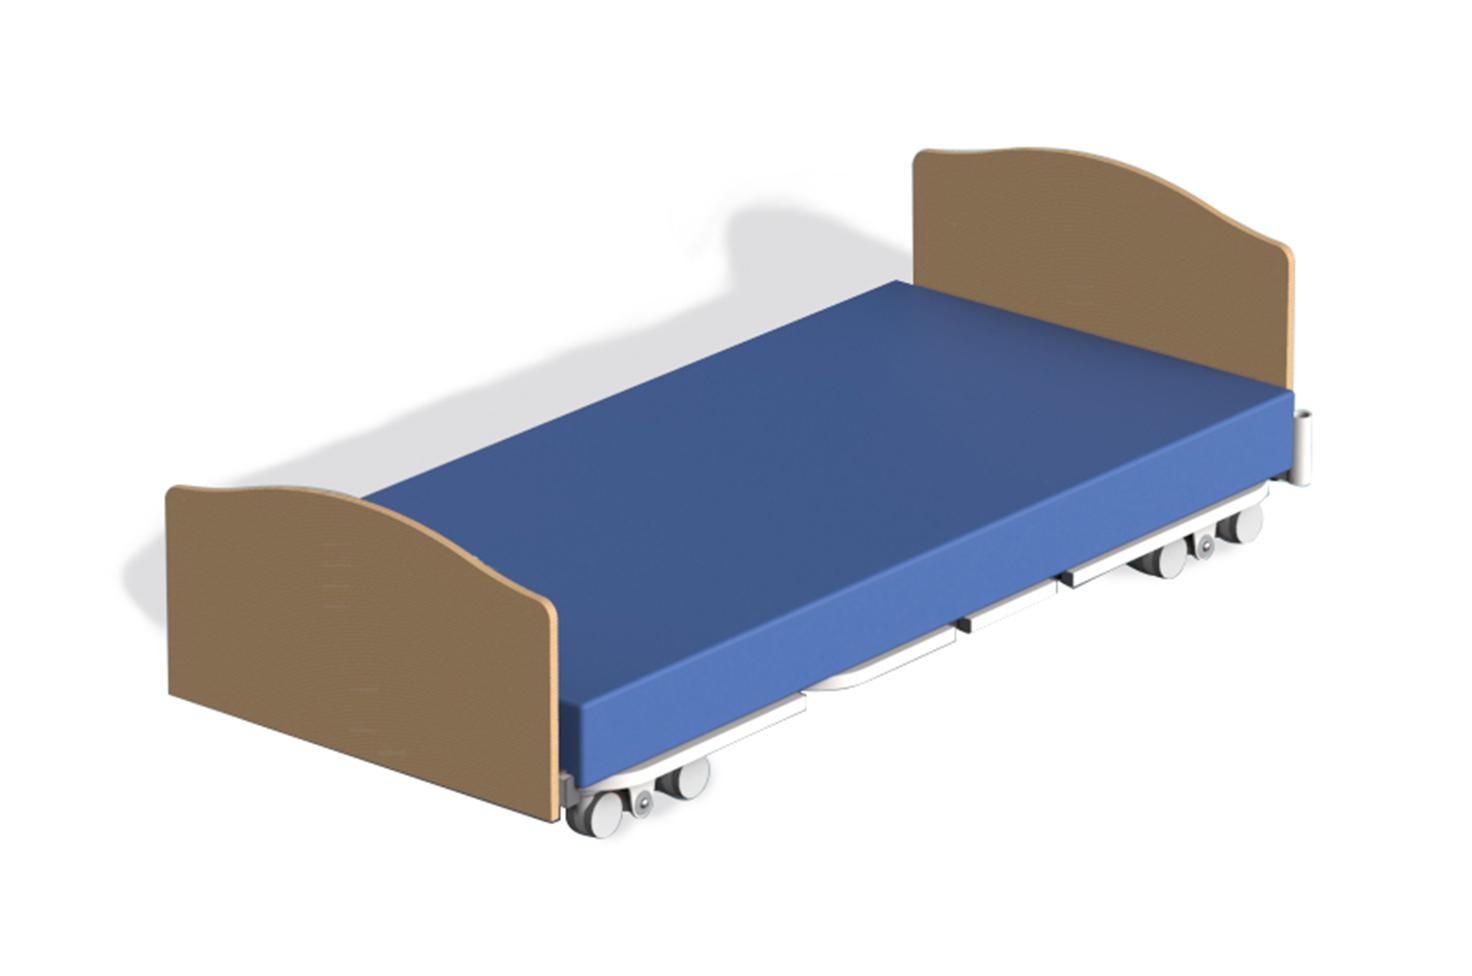 Bed Matresses